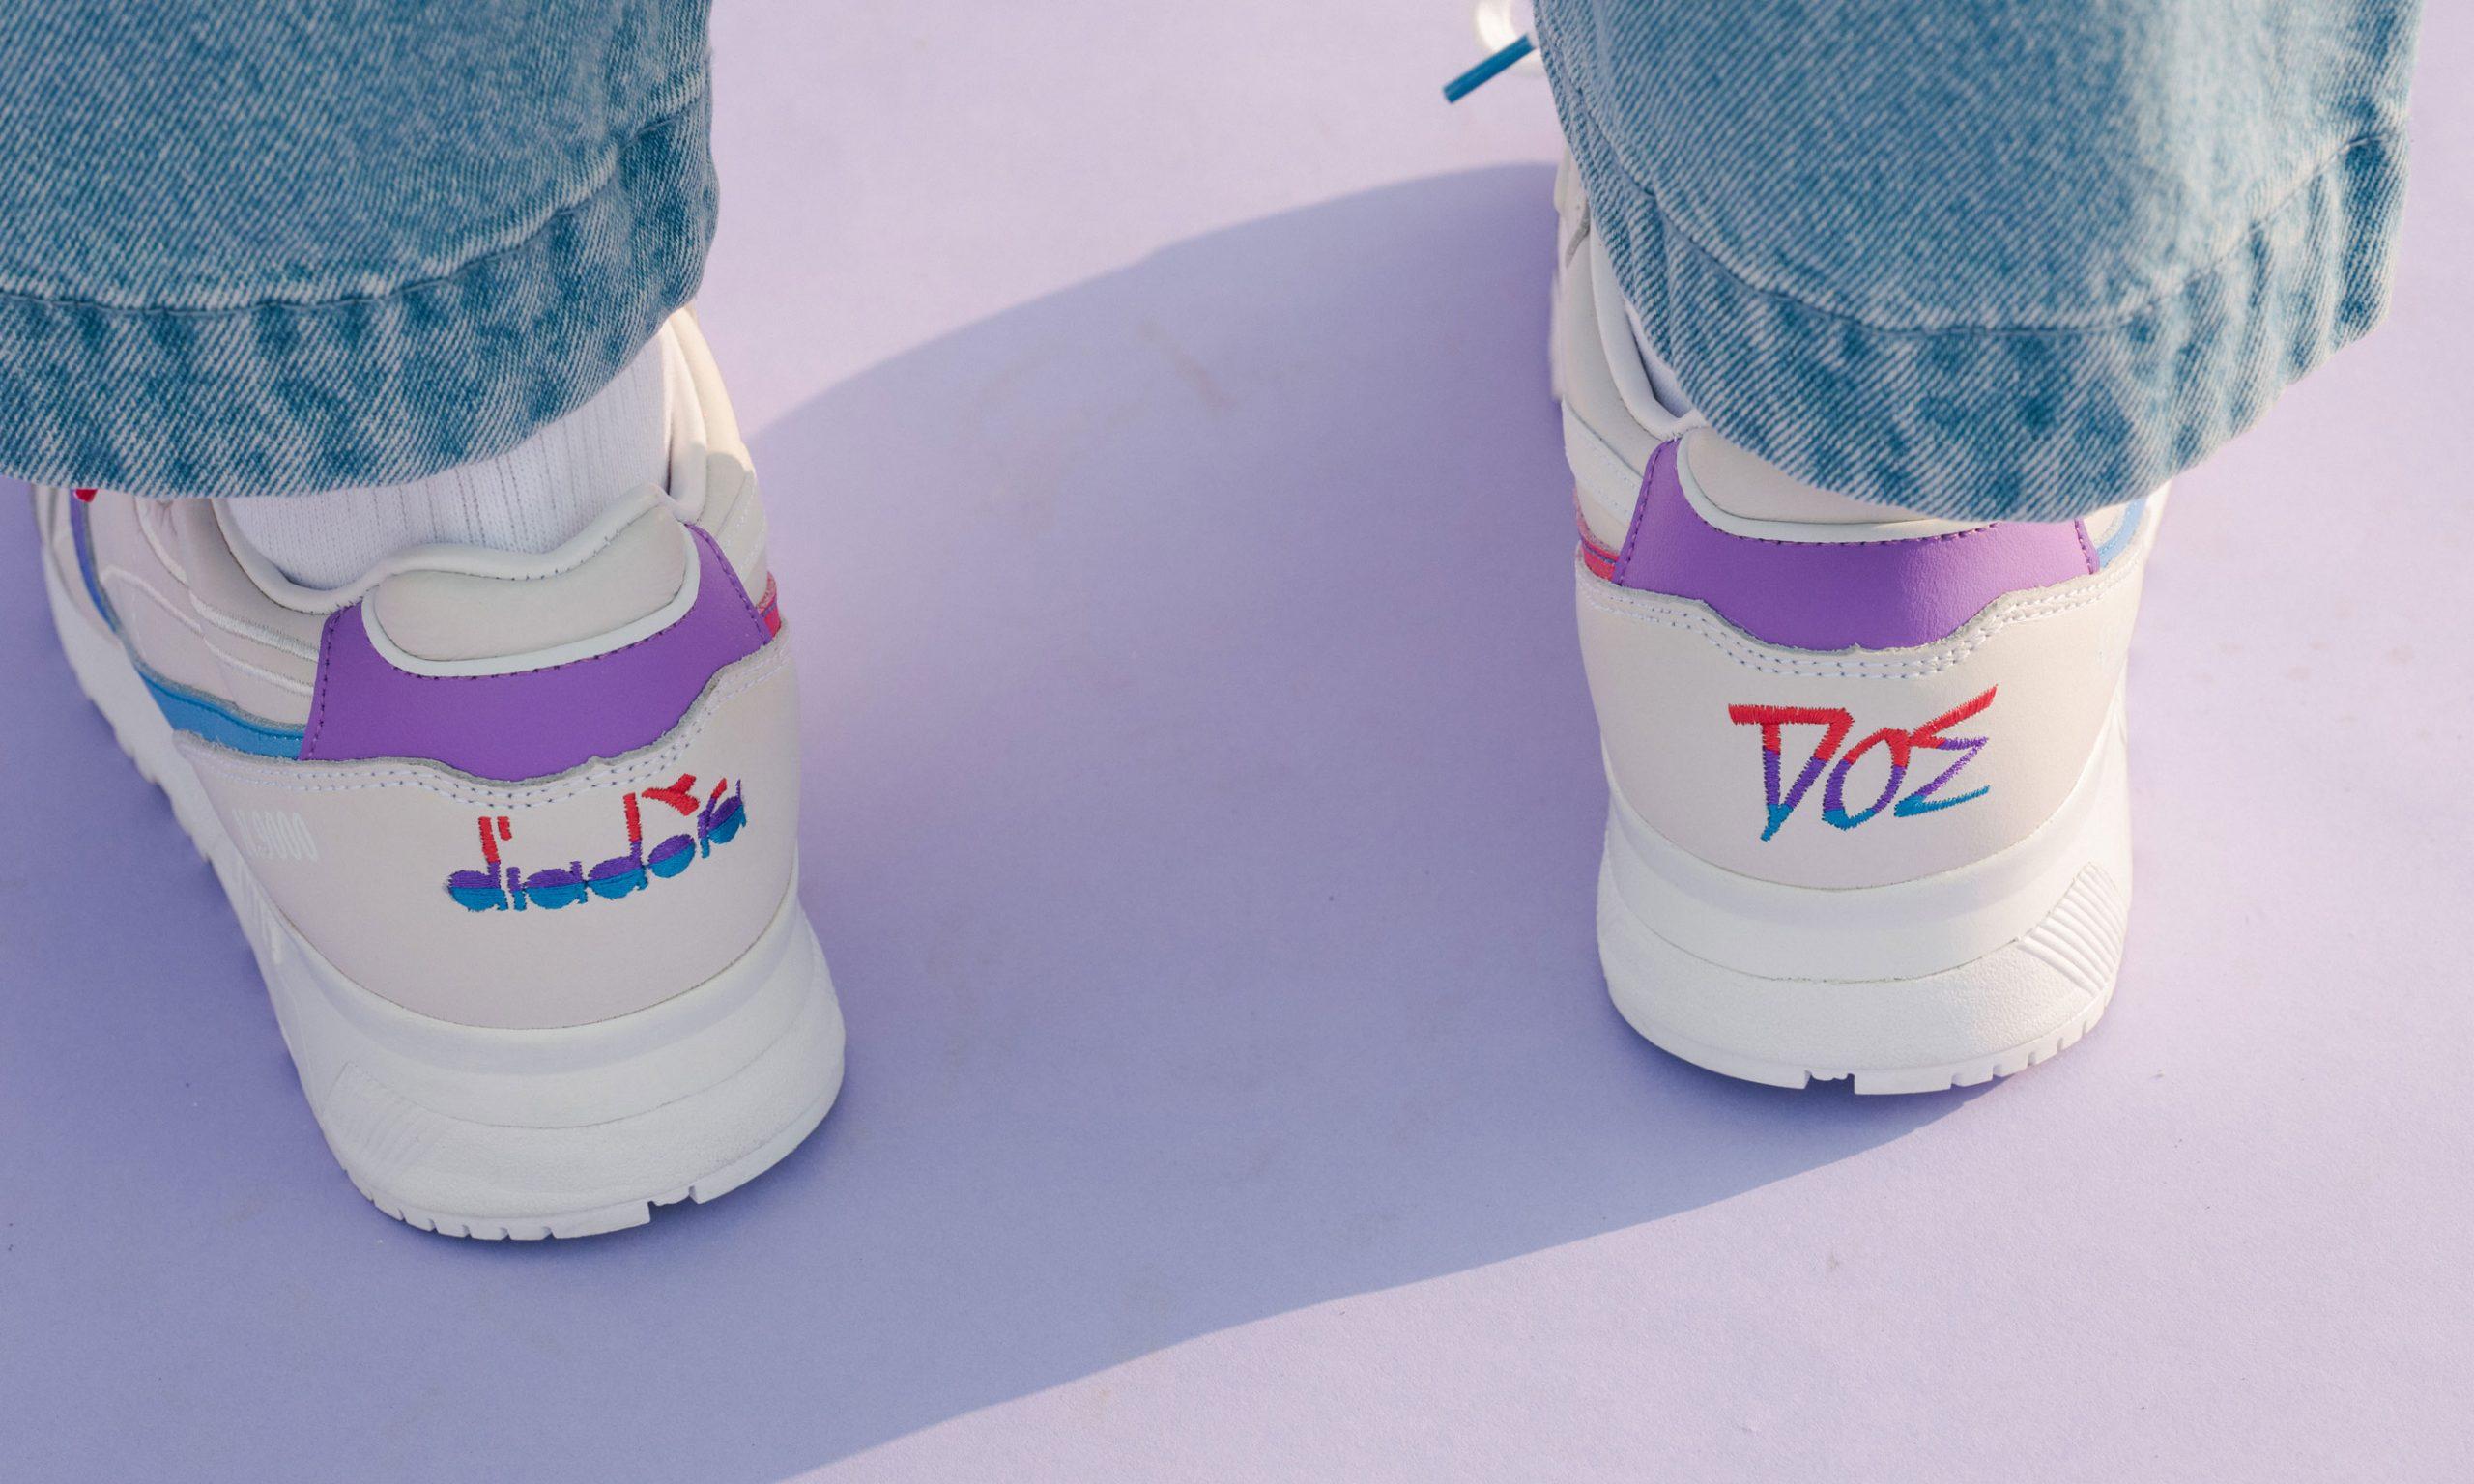 DOE 携手 diadora 联合呈现意产手制 N9000 鞋款